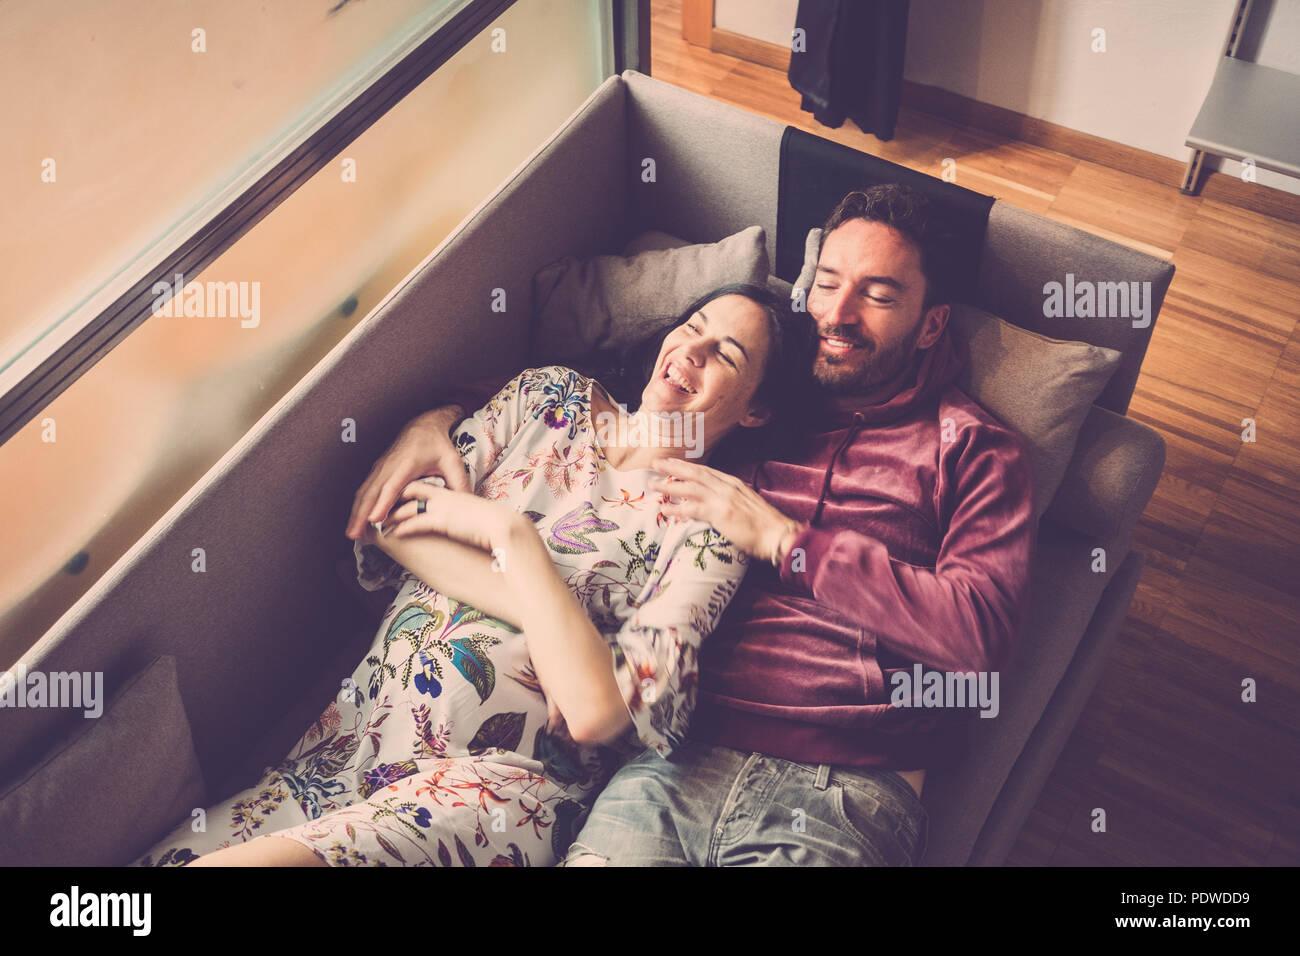 Hermoso par de modelos sentar en el sofá en casa disfrutando de la vida y relajante. sonrisa y alegre gente teniendo actividad recreativa interior Imagen De Stock